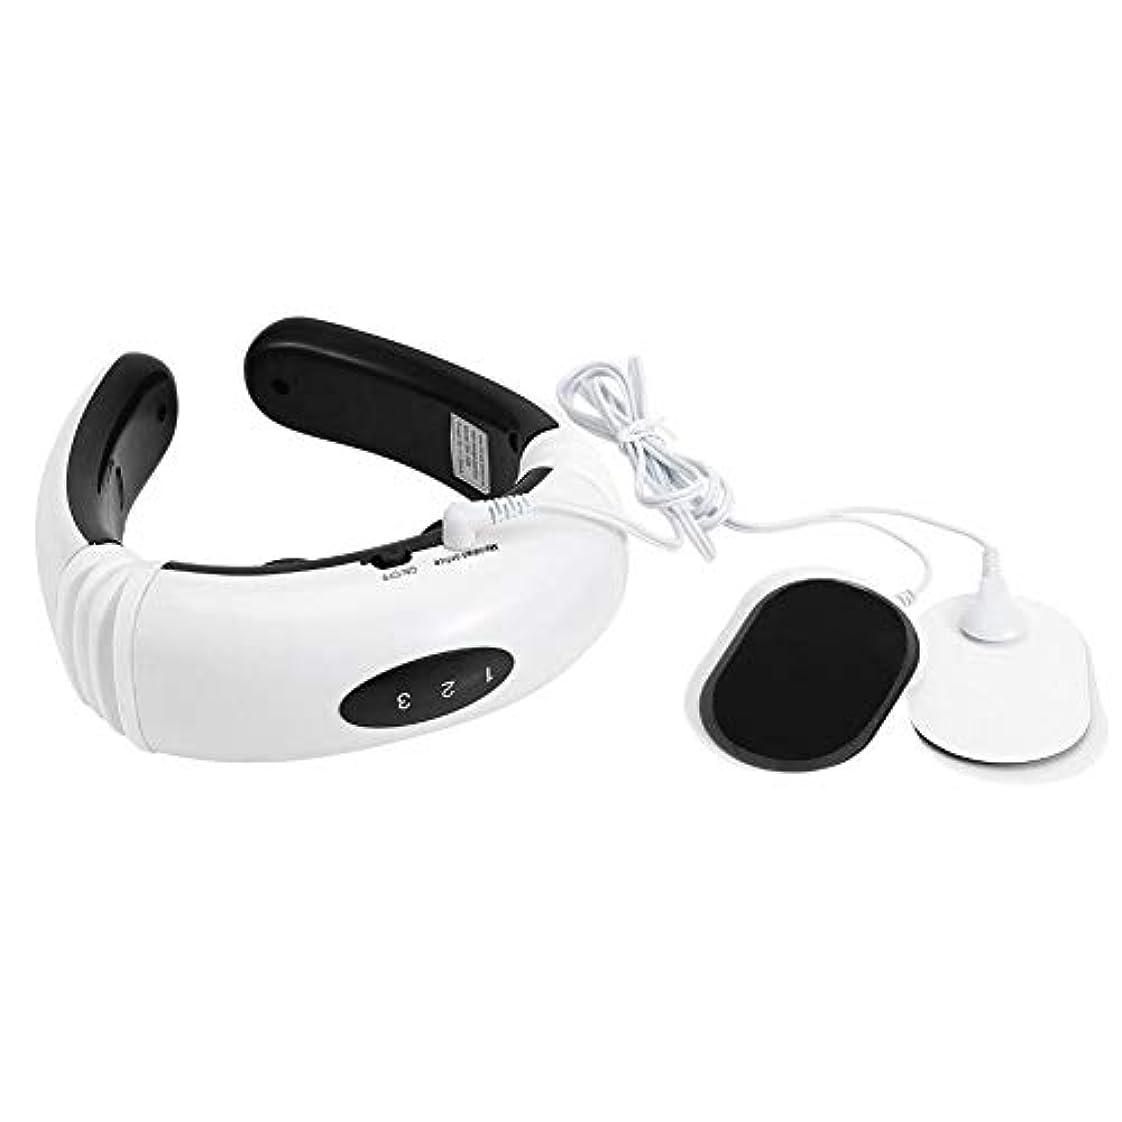 韓国ラッシュメニュー首マッサージャー電気パルス首マッサージャー磁気療法頸椎子午線マッサージ器具